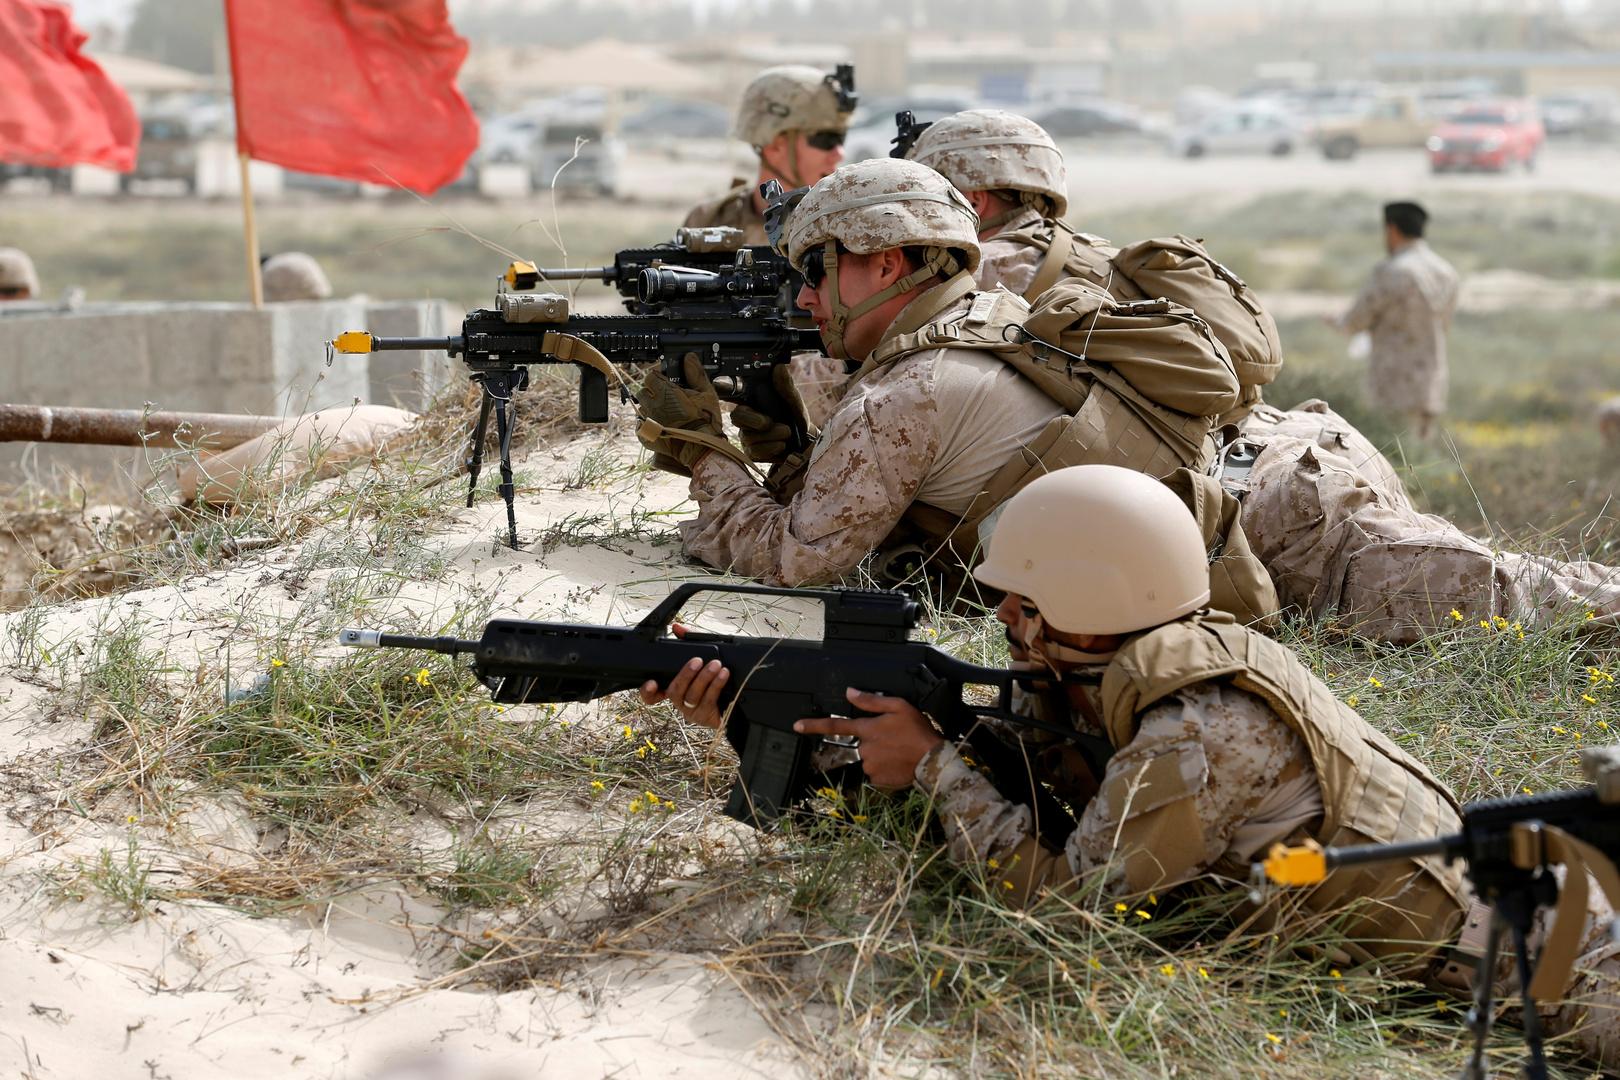 قائد المنطقة الوسطى: البحر الأحمر والجزء الغربي للجزيرة مناطق أمنة لنقل القوات بحالة الحرب مع إيران